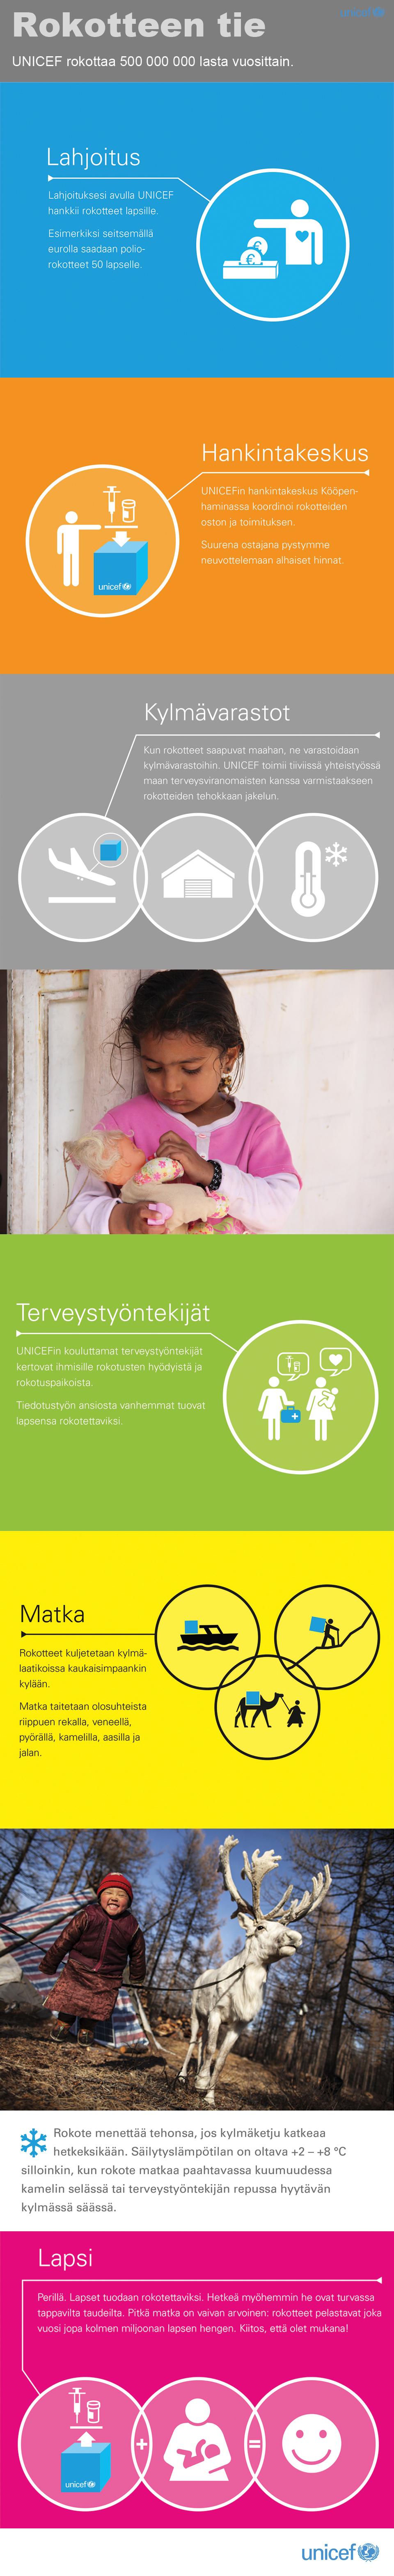 Rokotteen tie lahjoittajalta lapselle